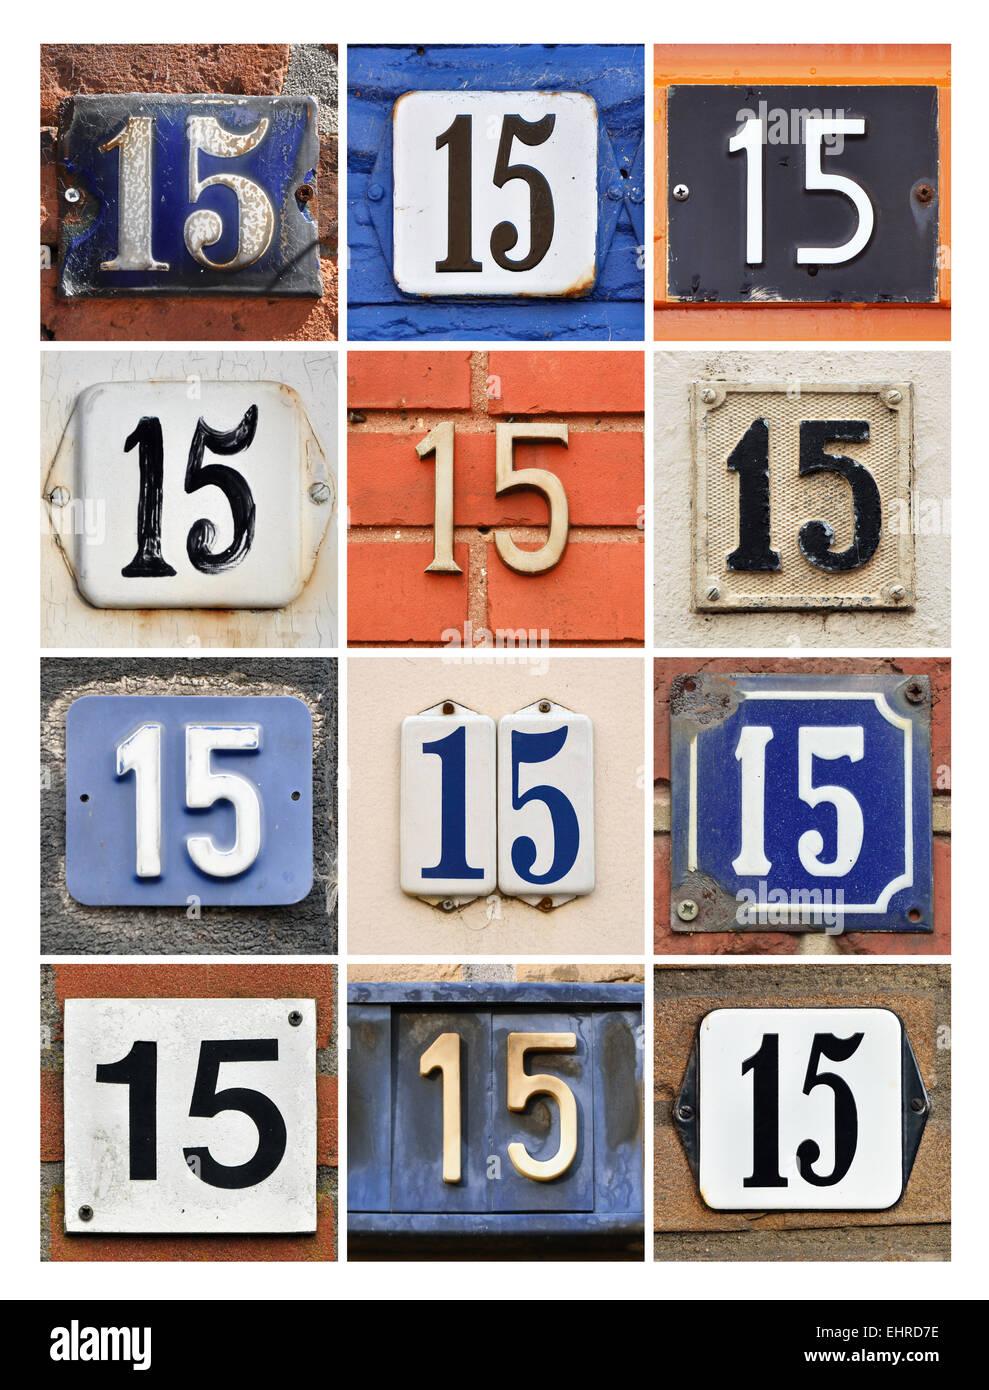 Numéro 15 - Collage de quinze numéros de maison Photo Stock